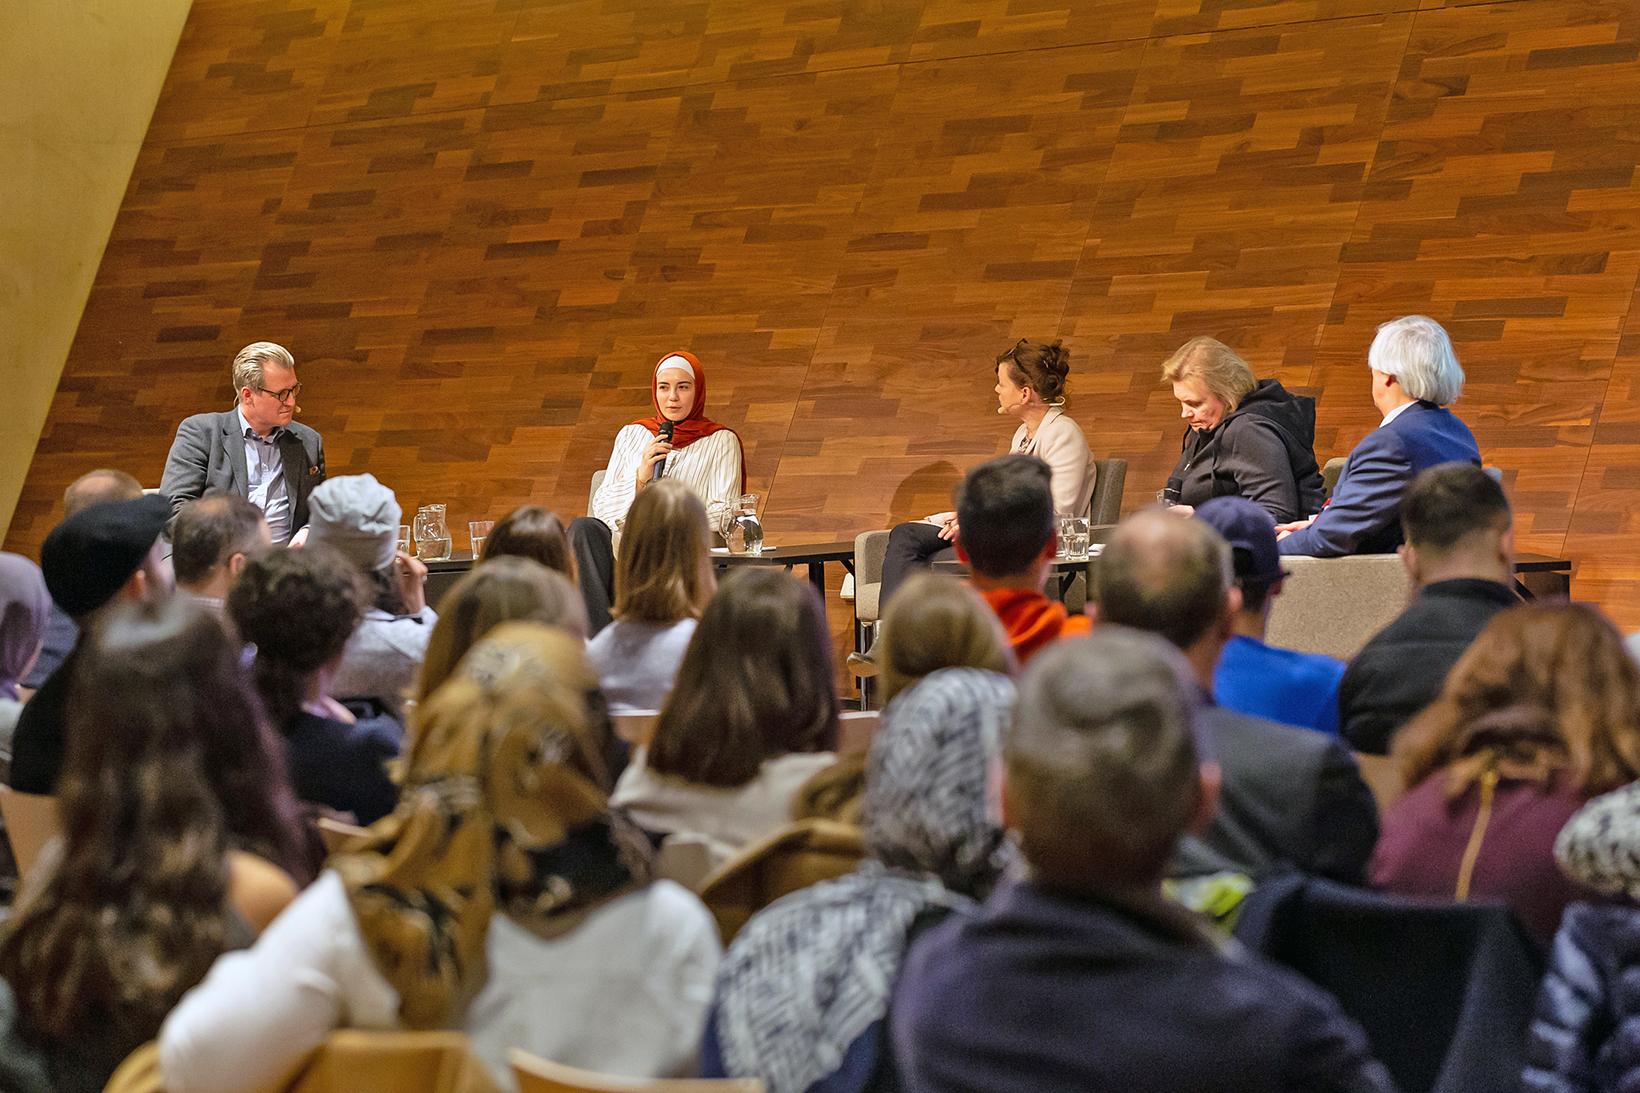 Podiumsdiskussion über religiöse Vielfalt